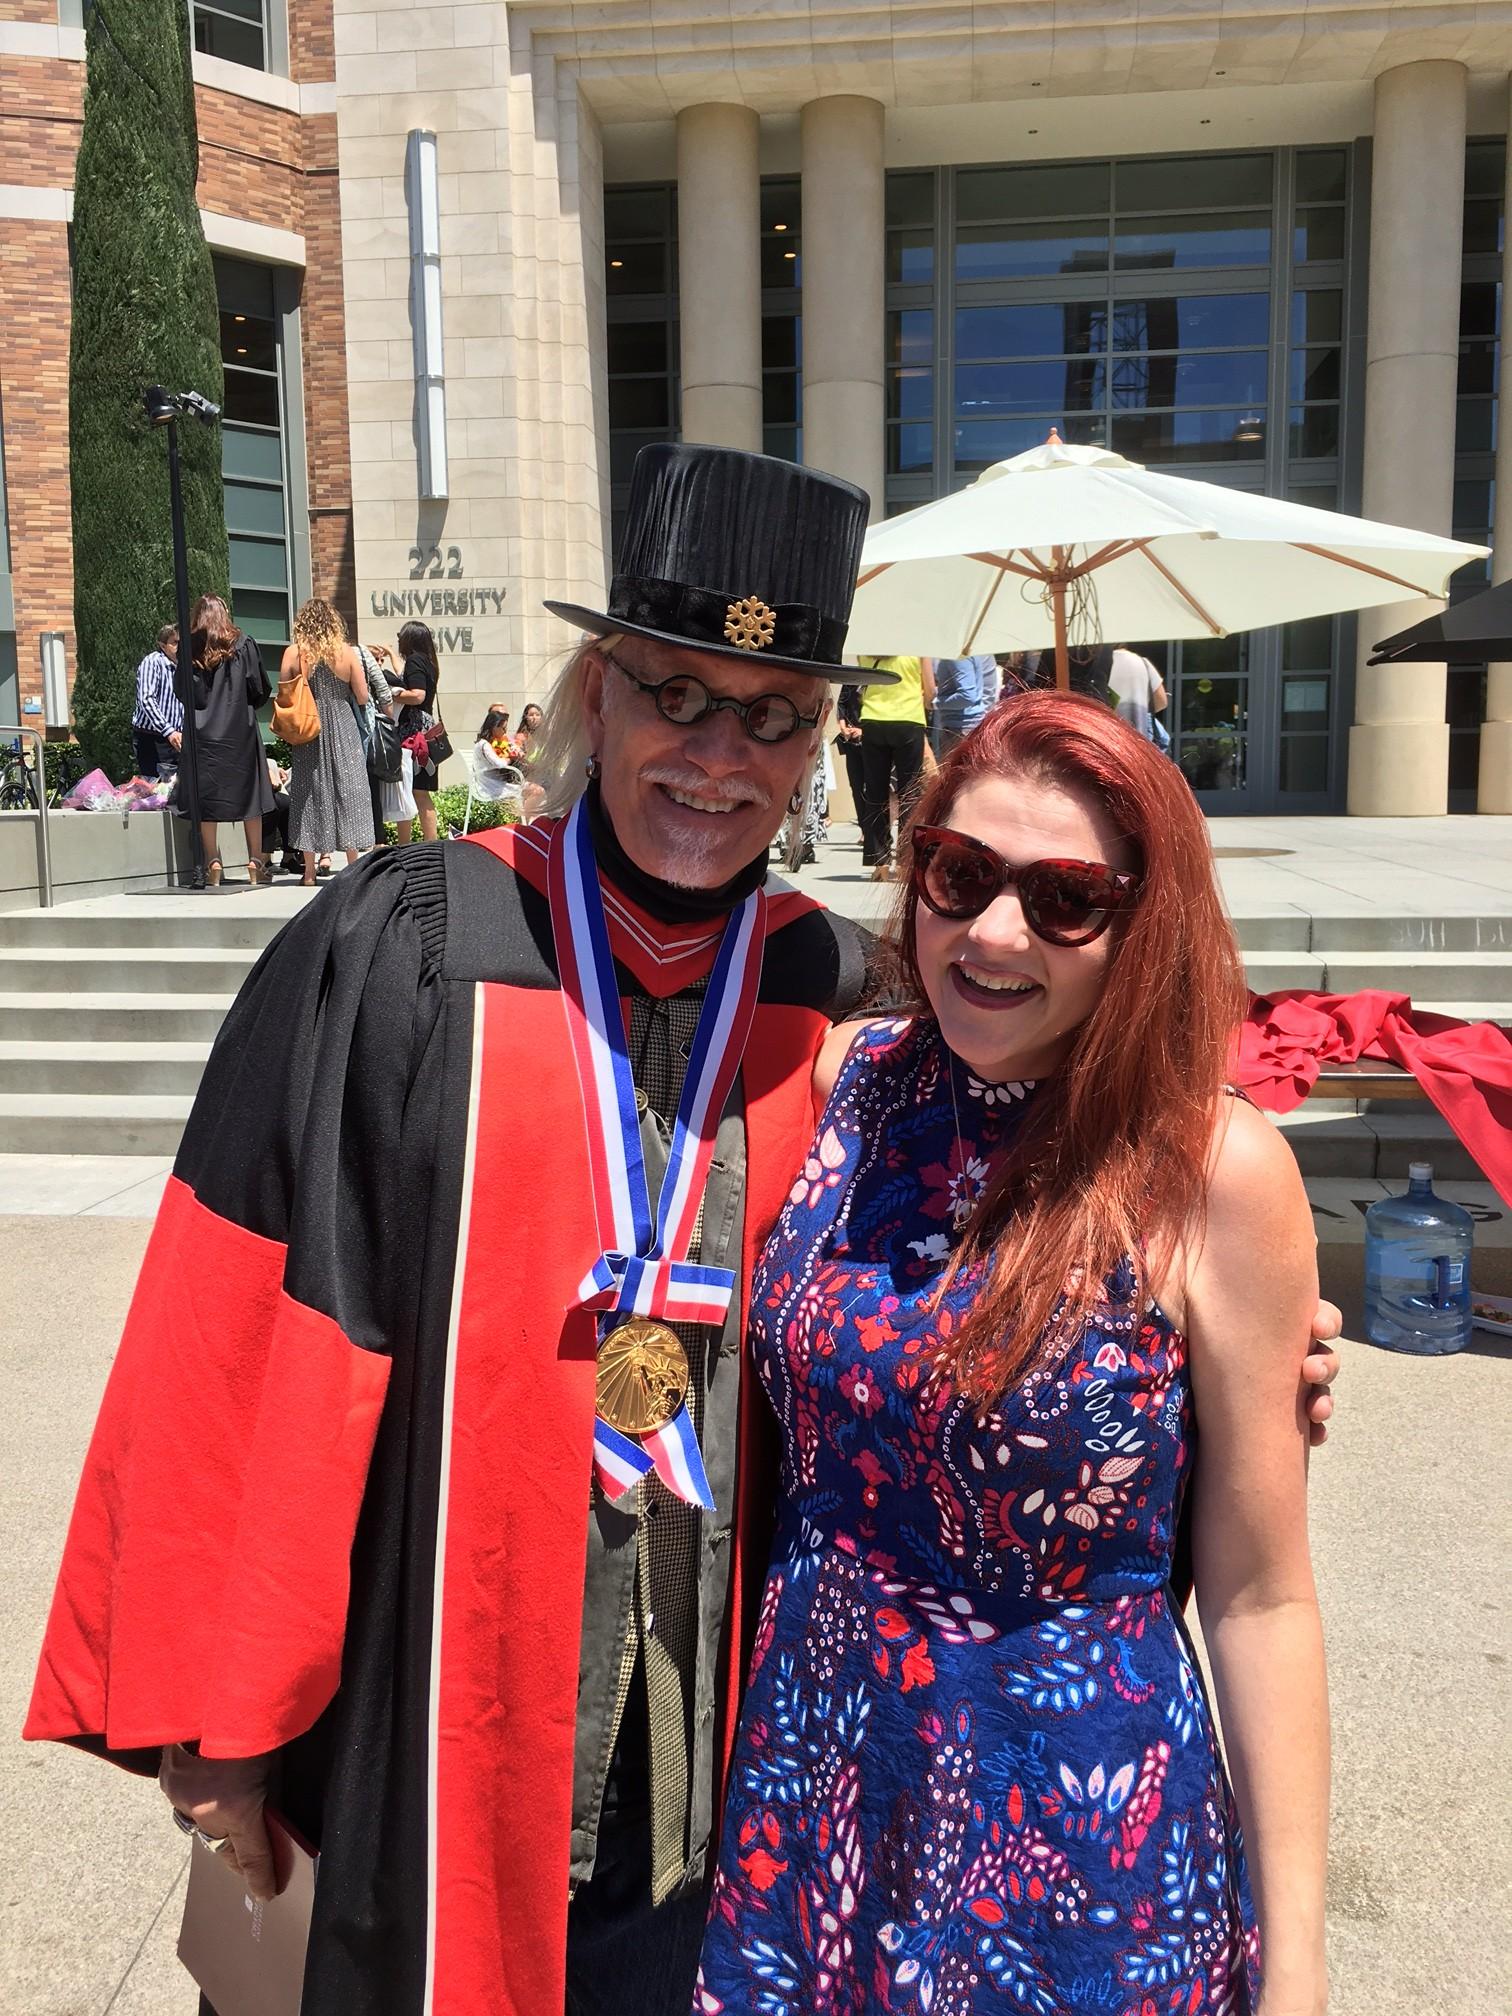 2016 Chapman University Graduation with Janae Dimick